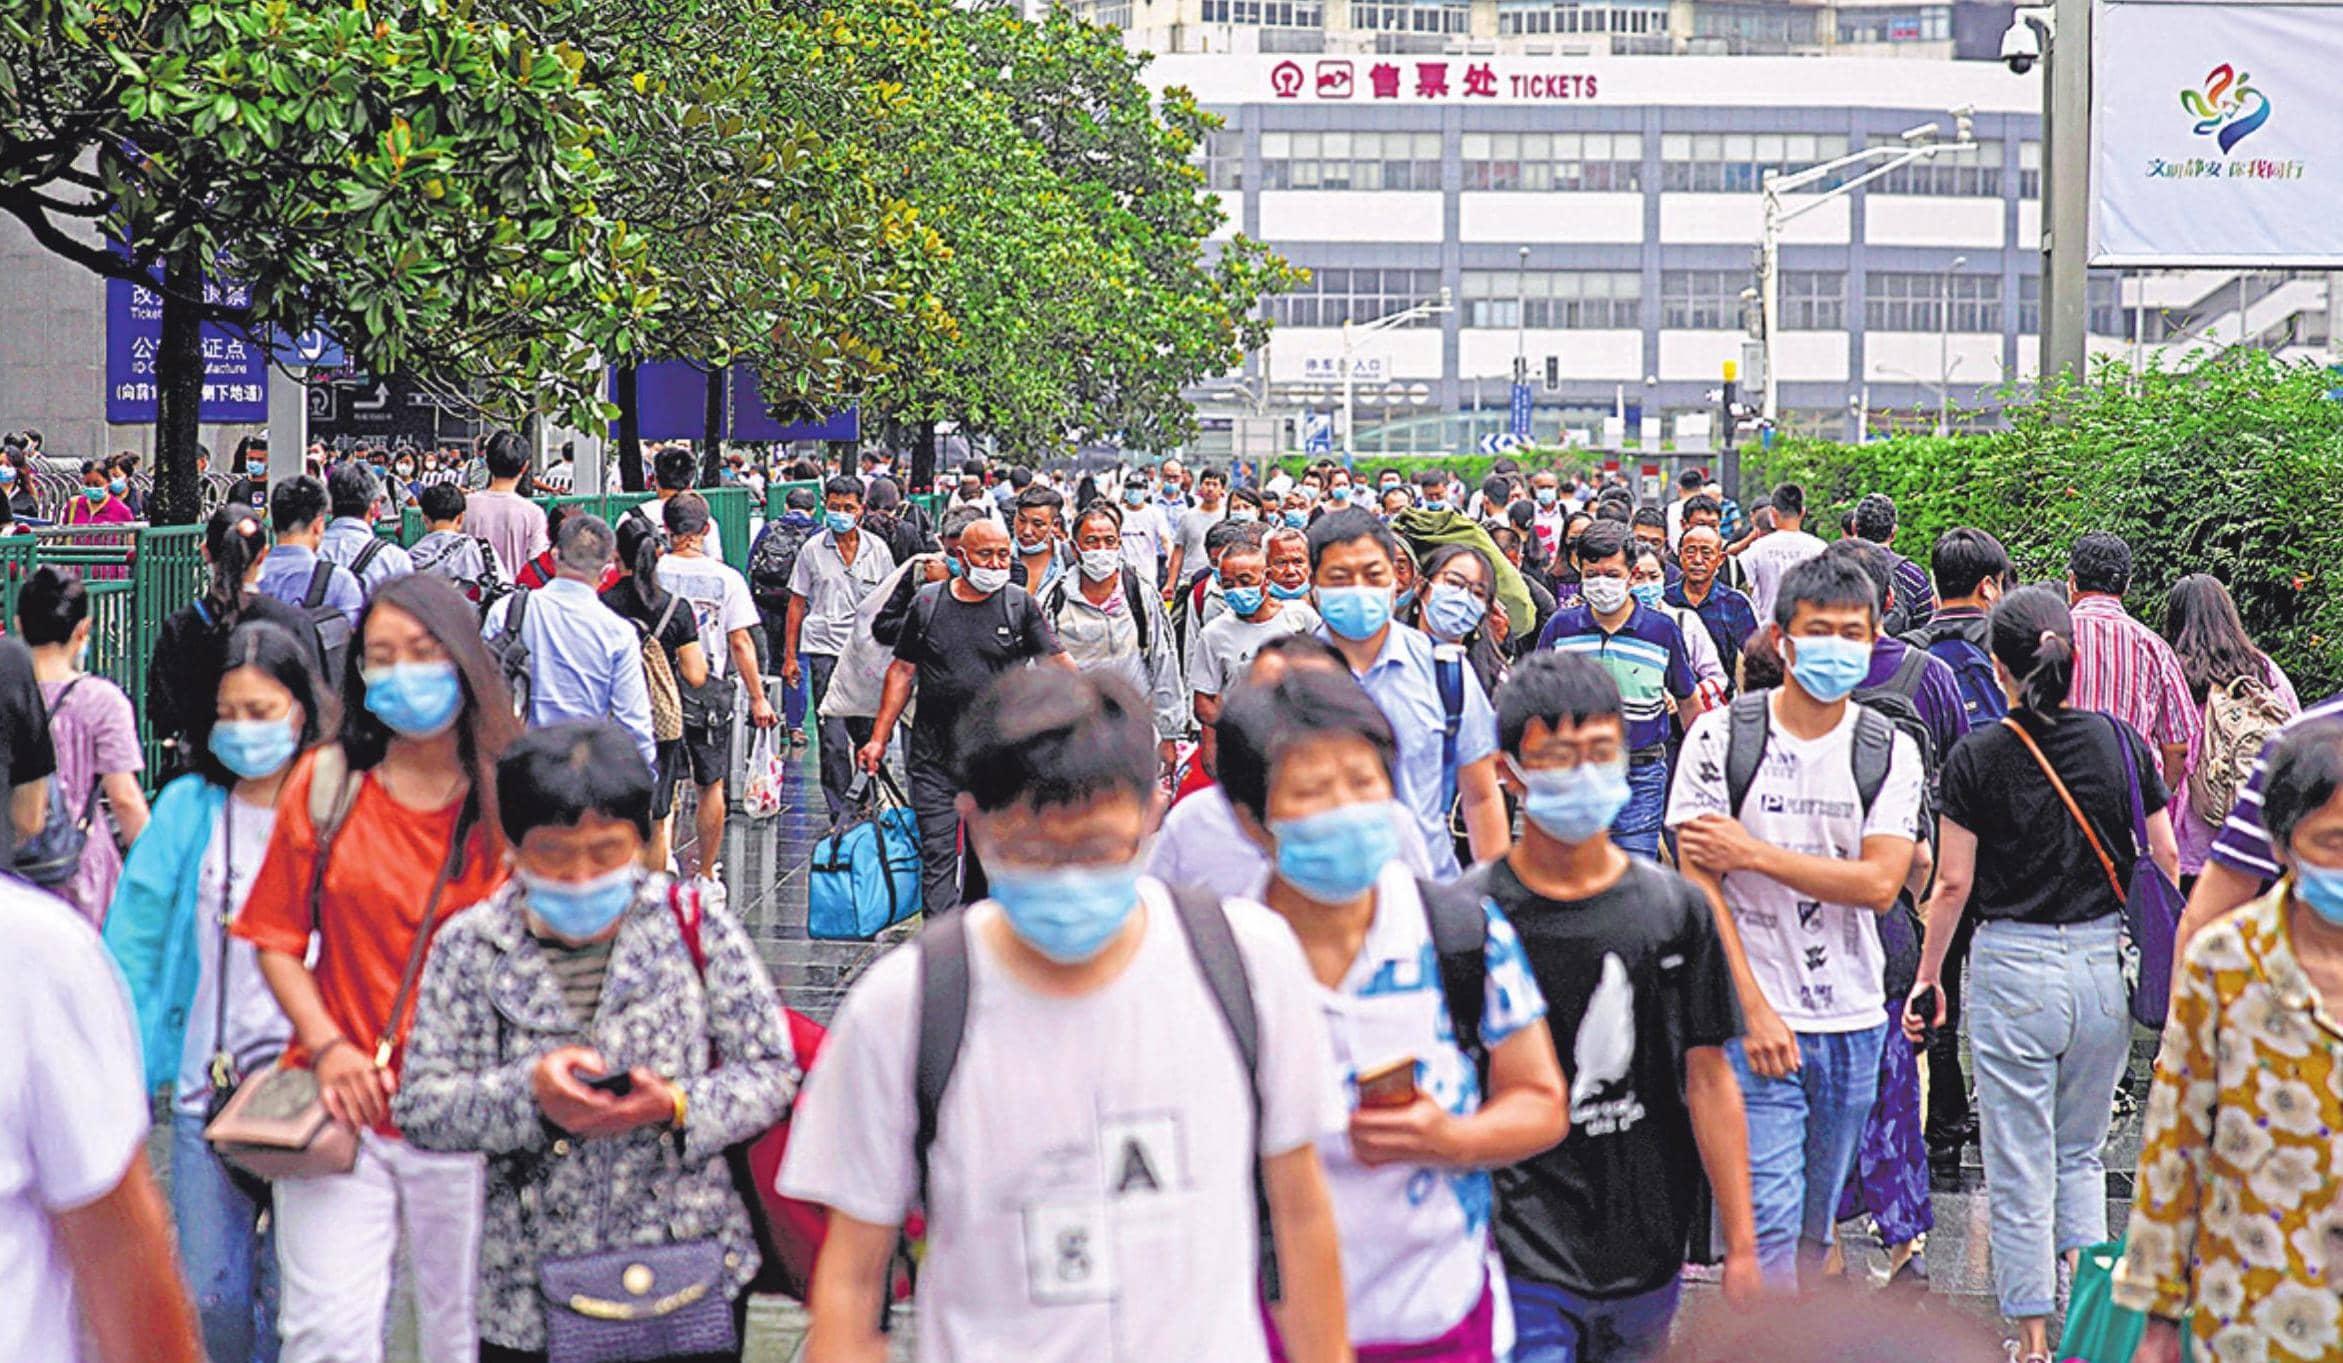 राहत: हवा में वायरस से सबको खतरा नहीं